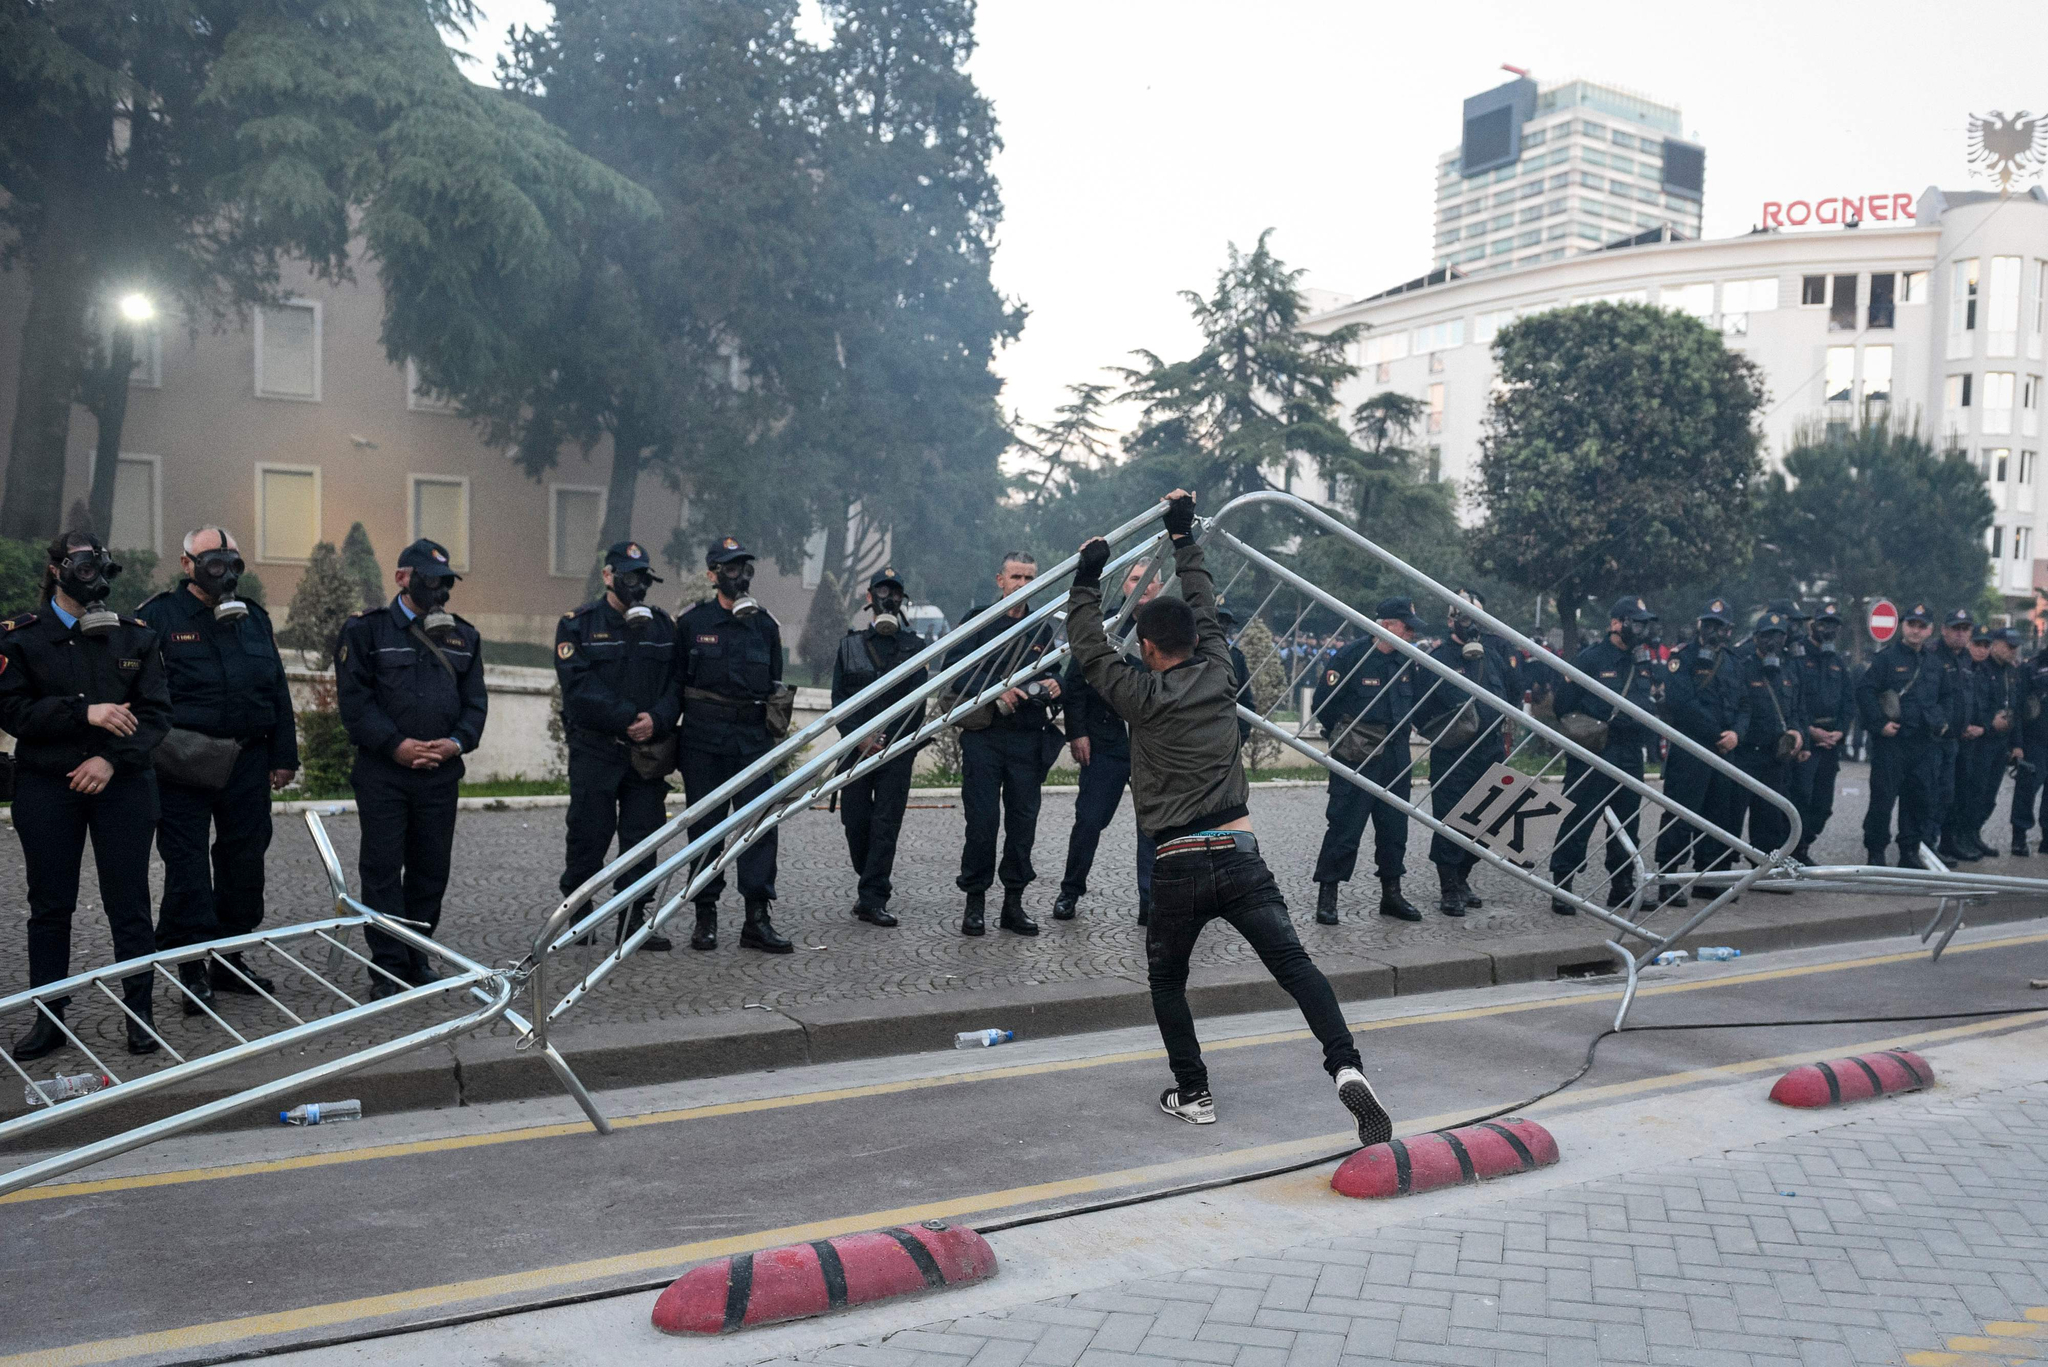 한 반정부 시위대 일원이 저지선으로 세워진 철제 펜스를 들어올리고 있다. [AP=연합뉴스]